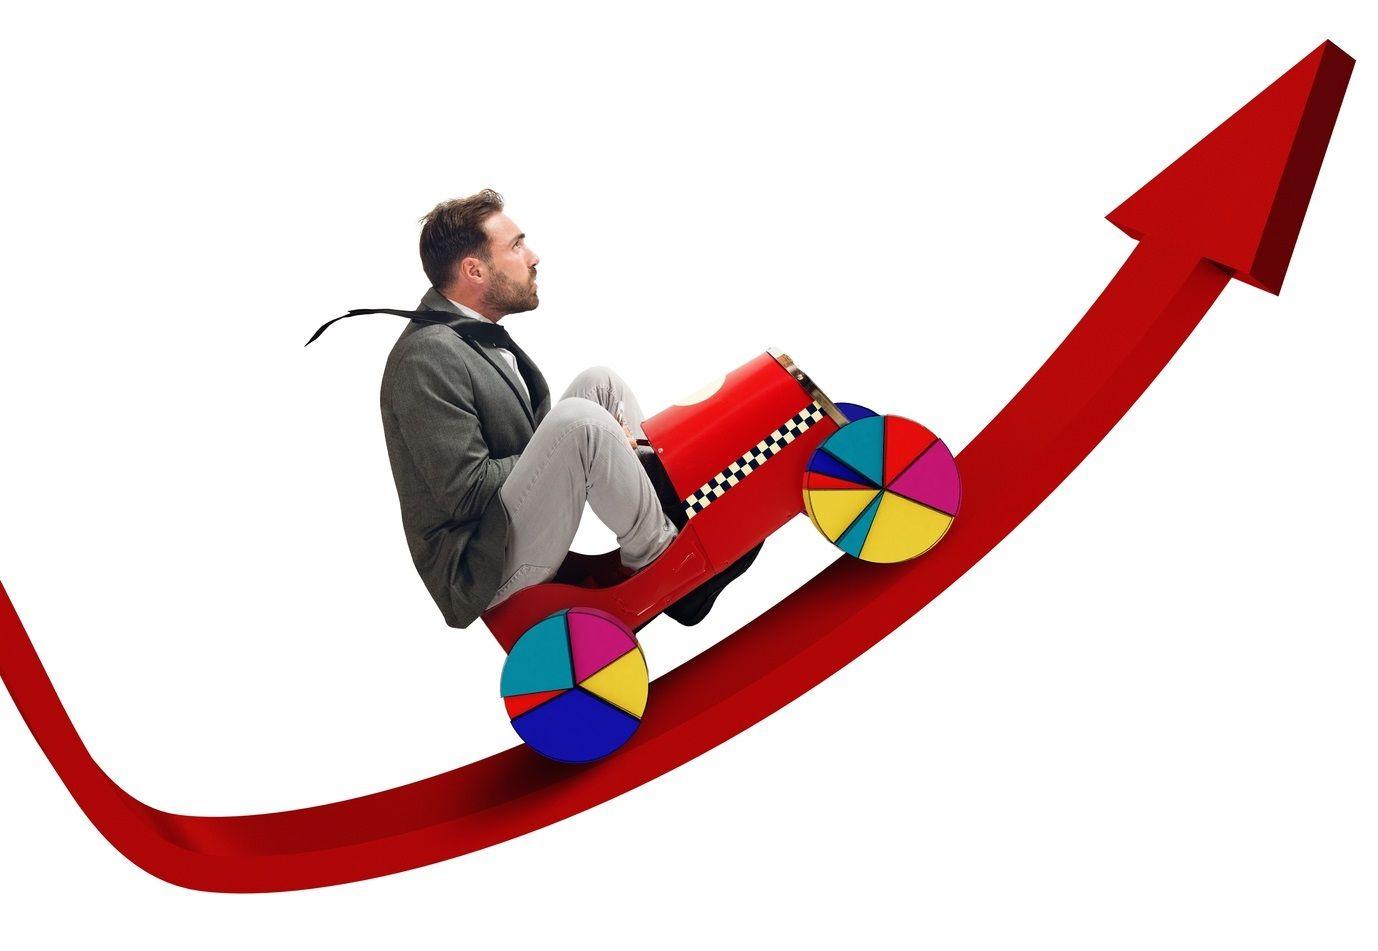 【グロース株】グロース投資家の推奨銘柄